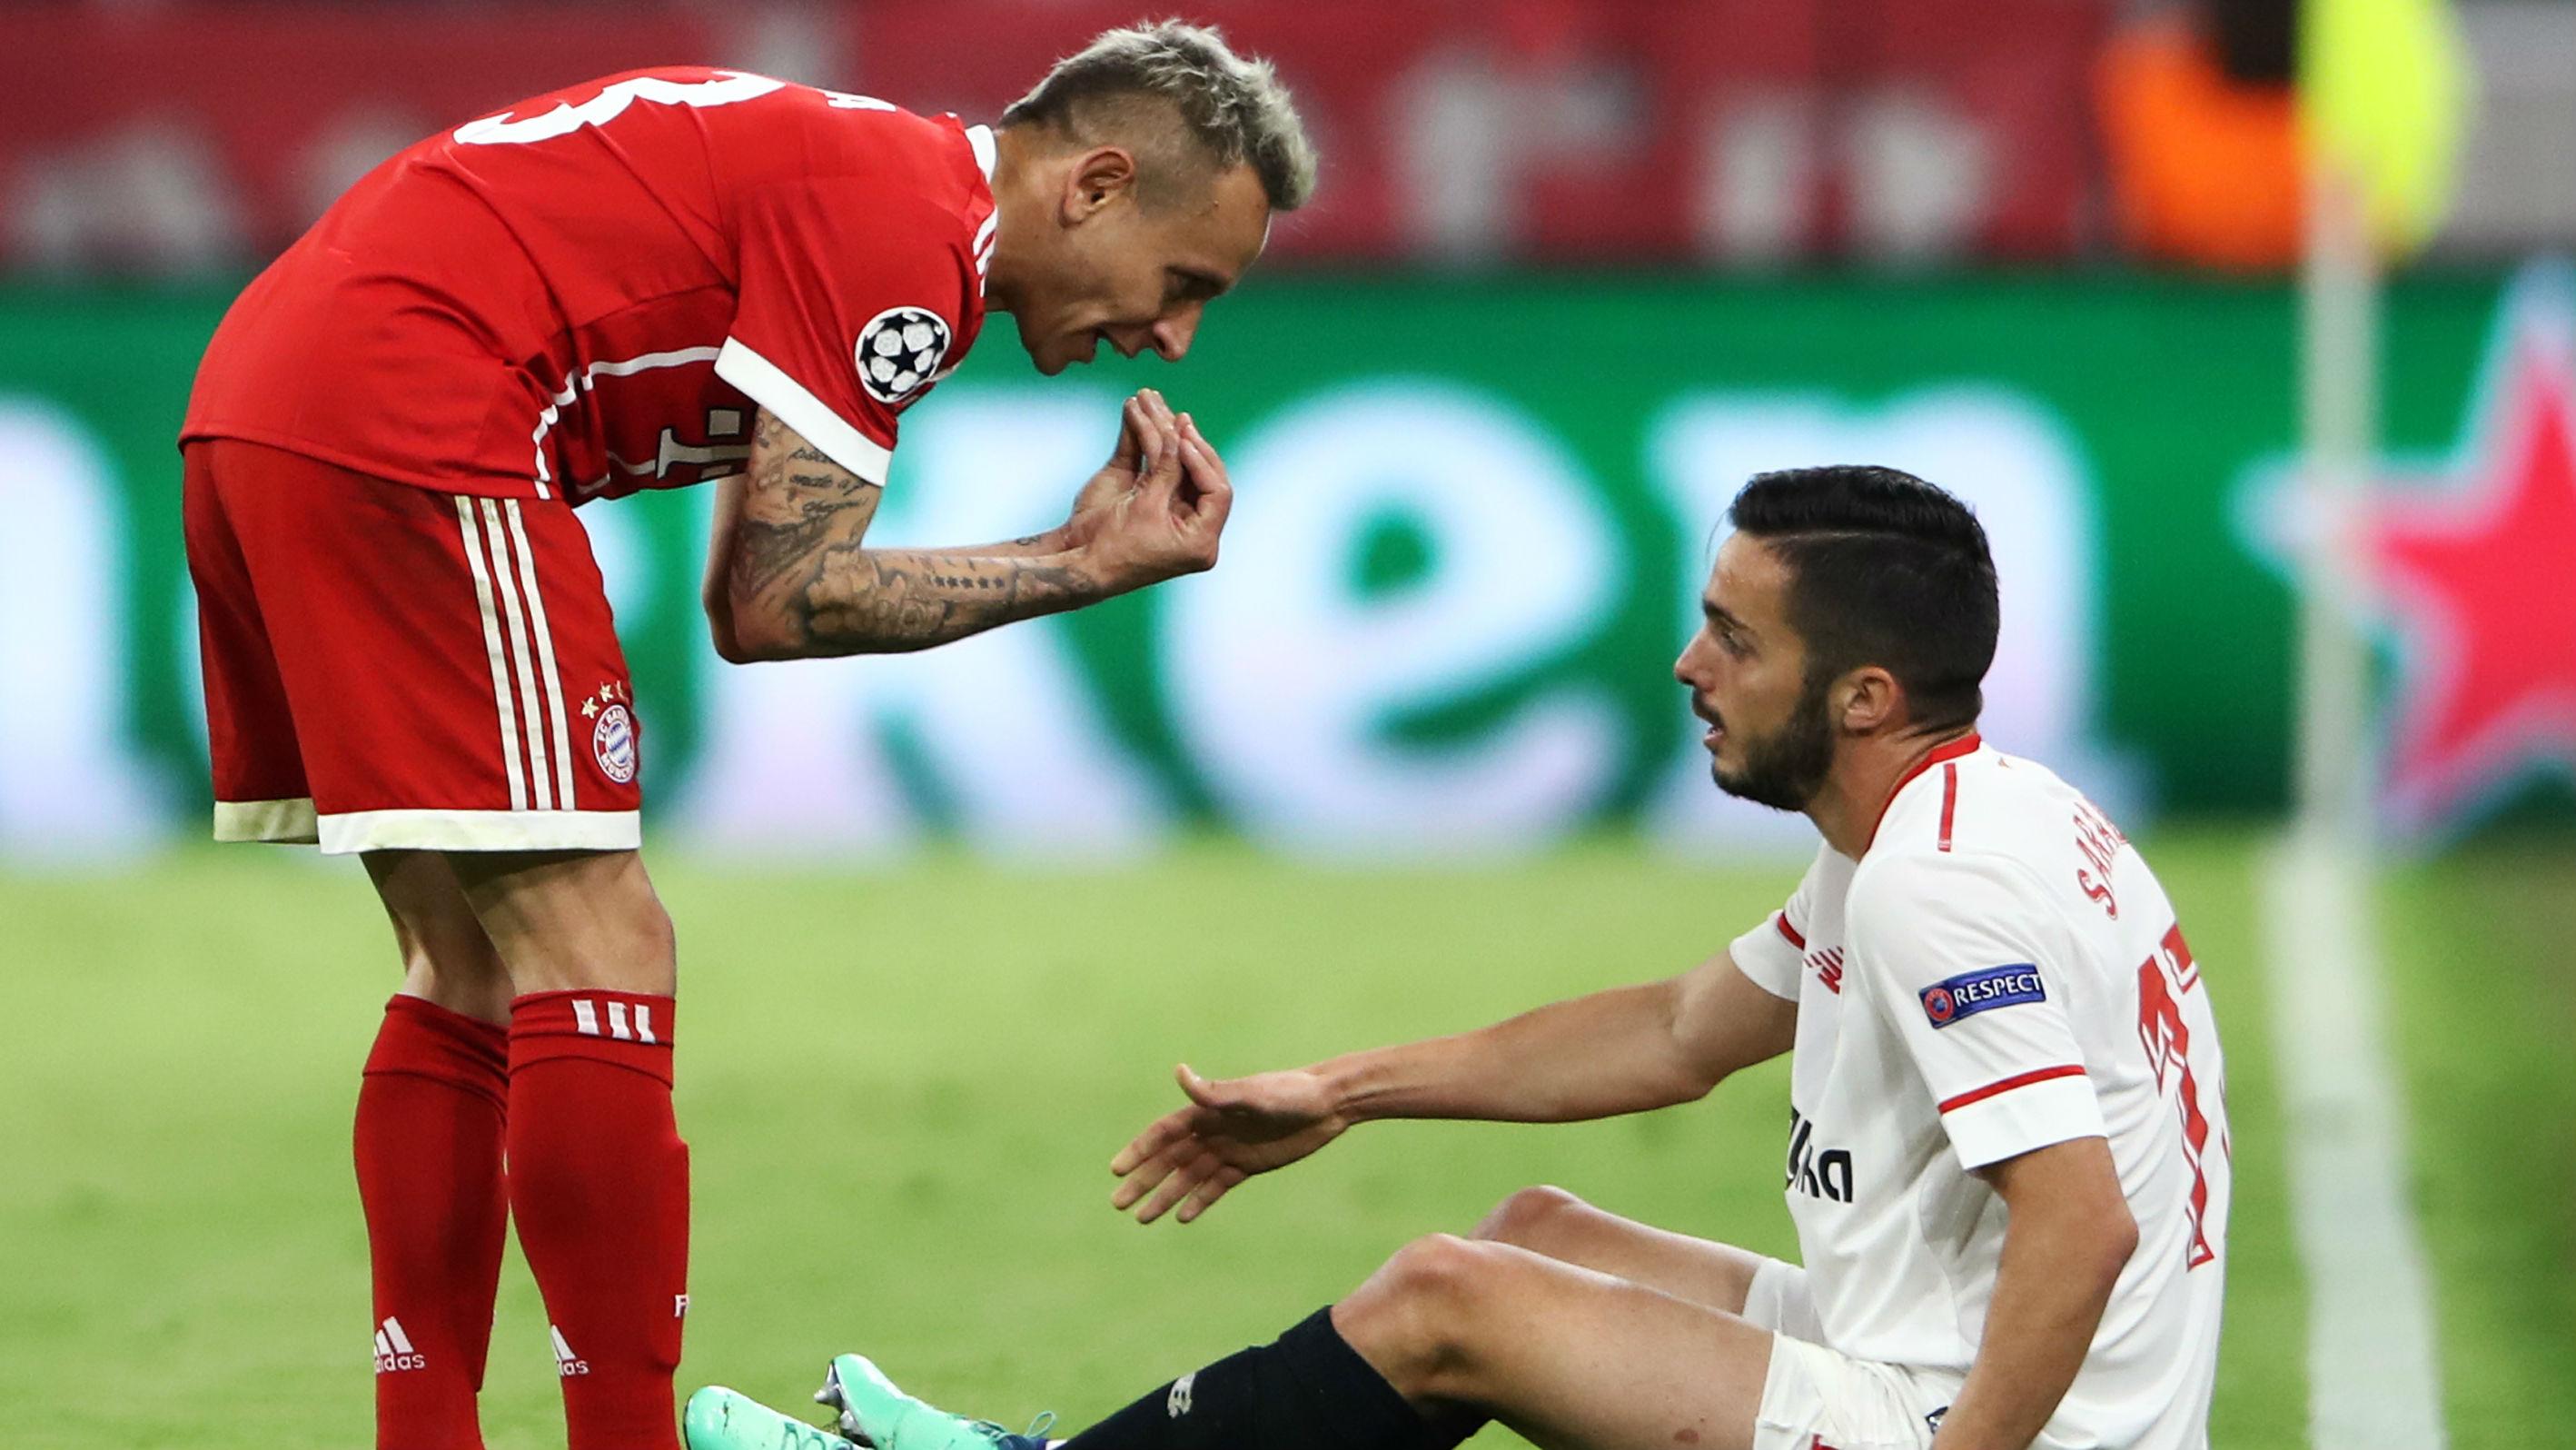 LIVE! Auf wen trifft Bayern im Champions-League-Halbfinale?